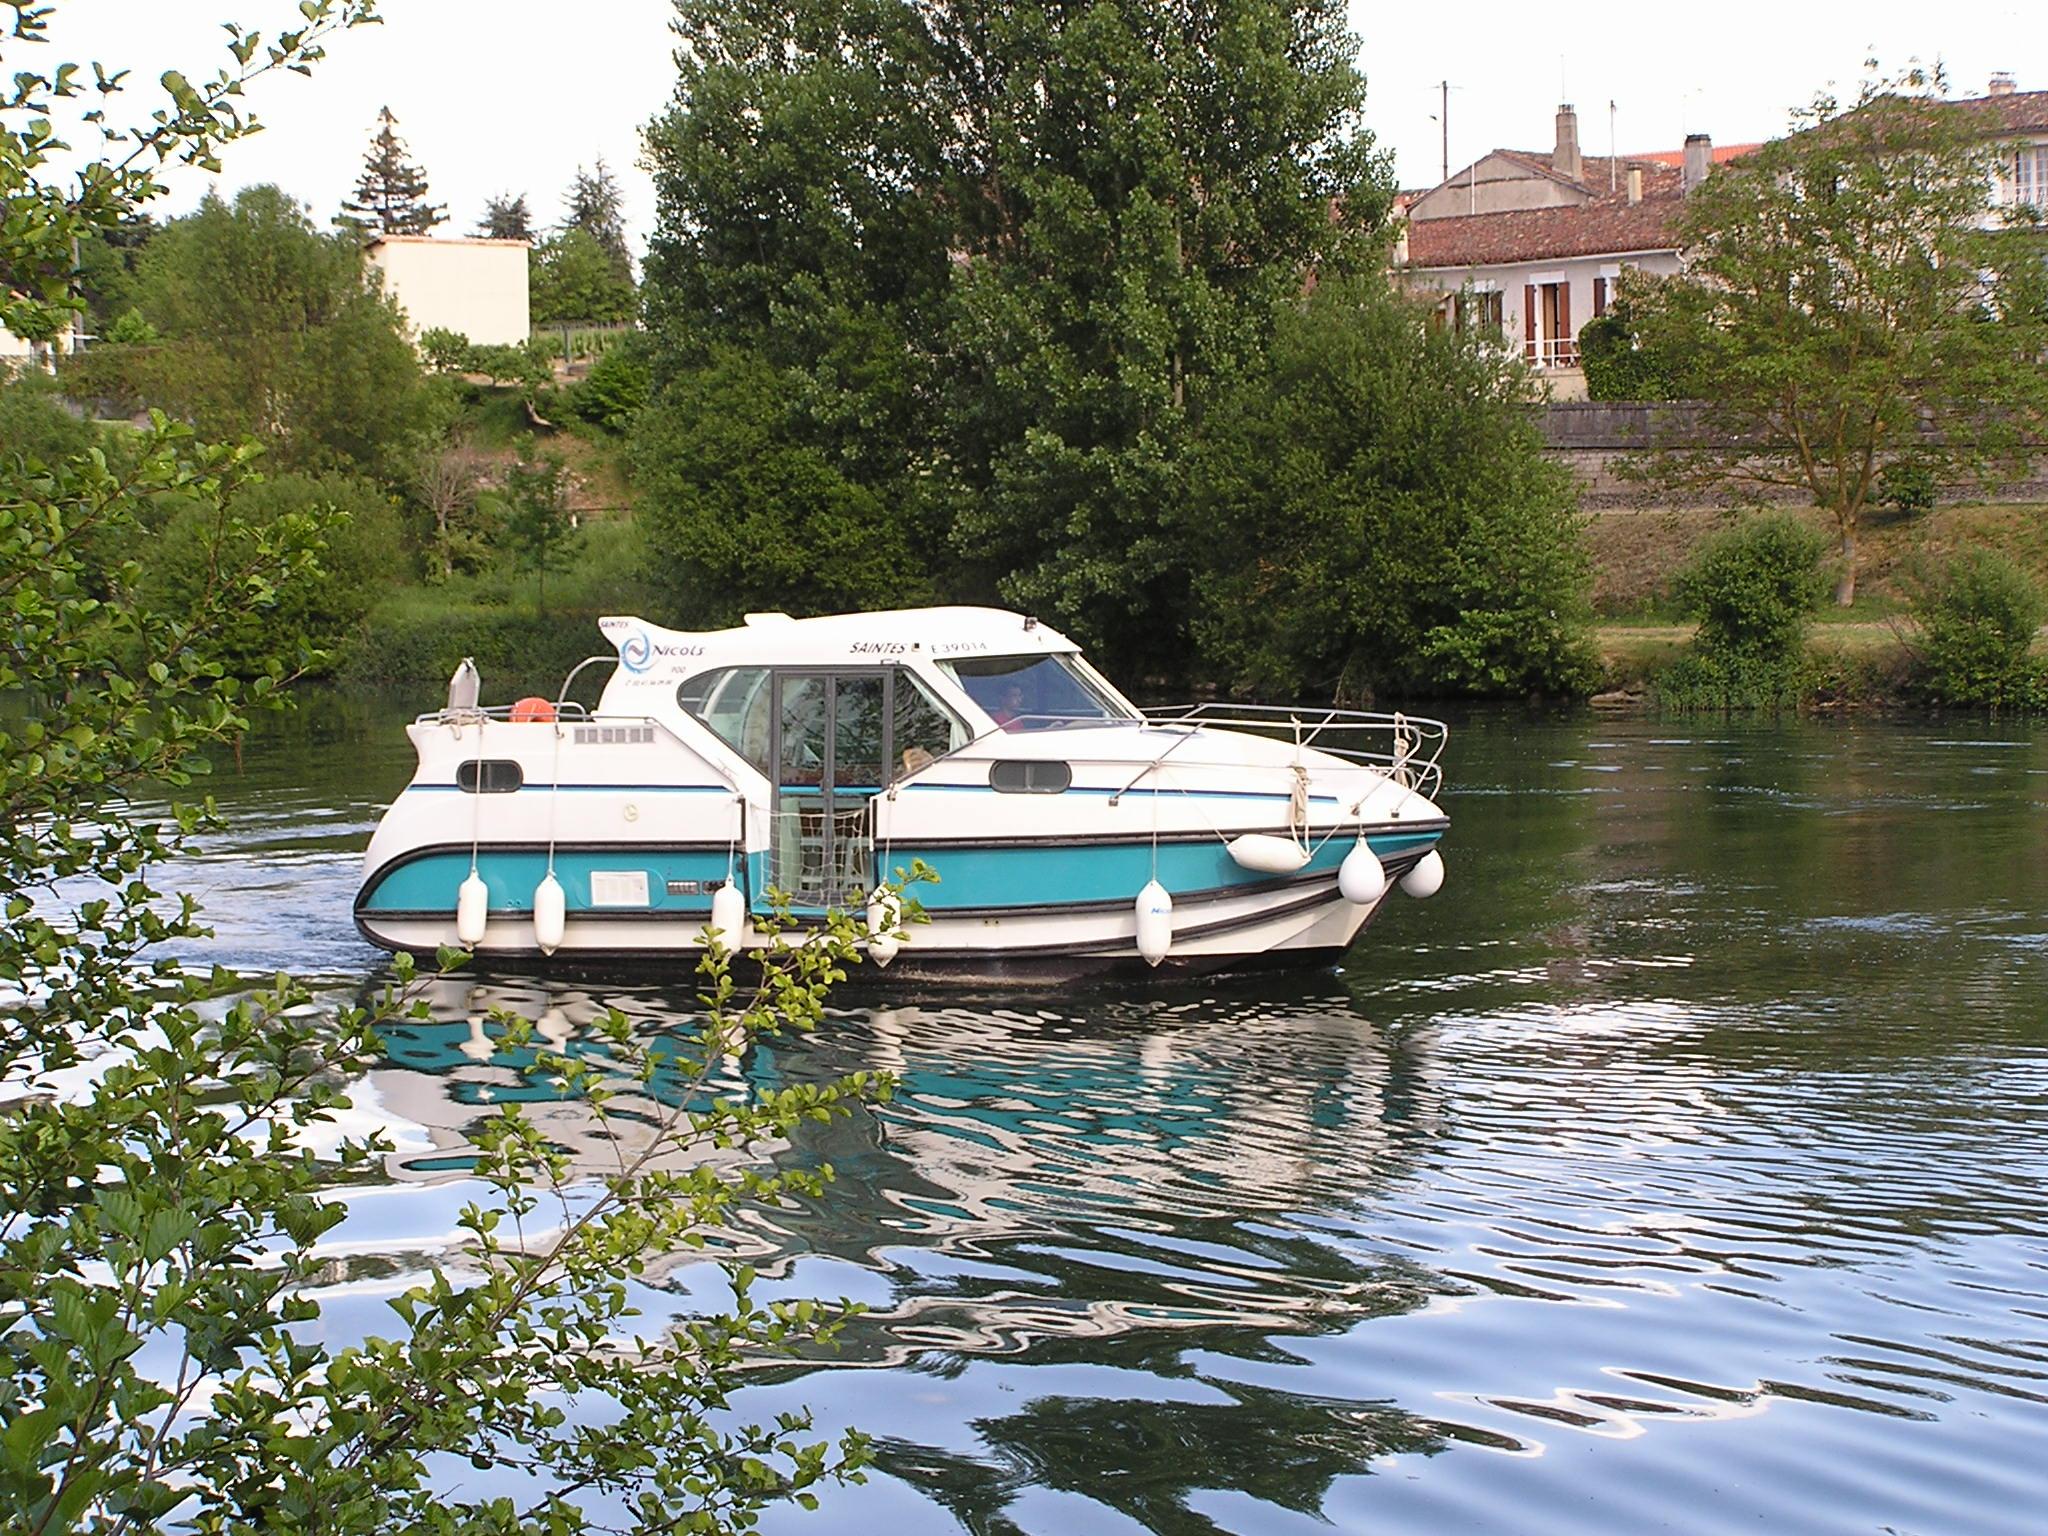 Nicols Confort 900 vue exterieur porte laterale Charente Sireuil Intercroisieres